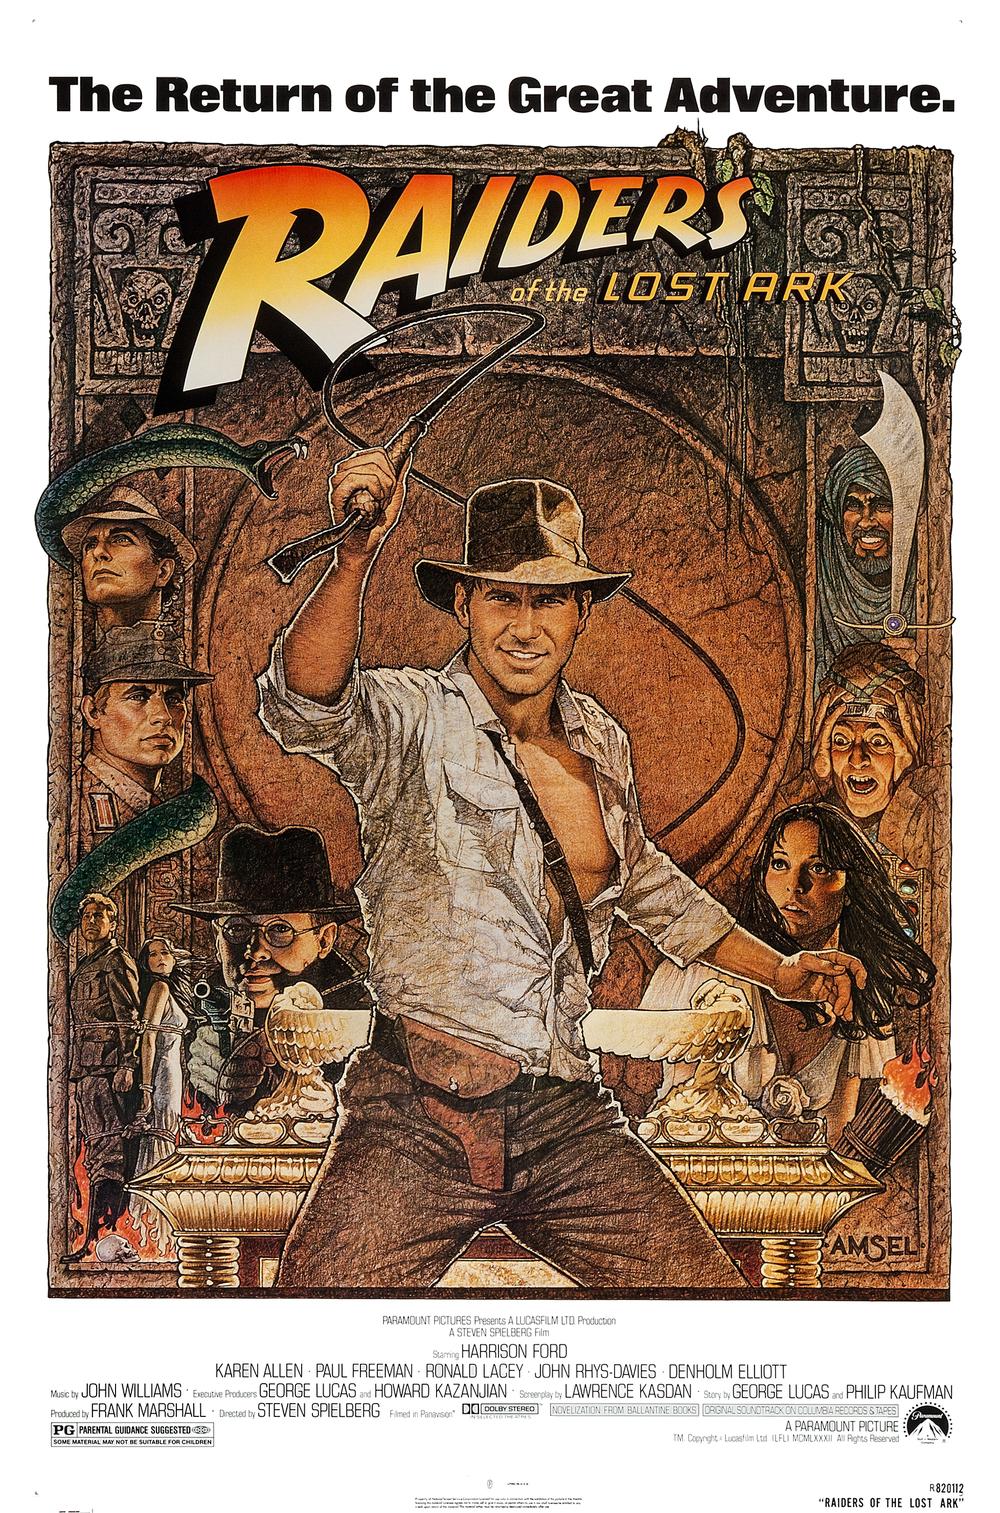 #1 Os Salteadores da Arca Perdida (1981)